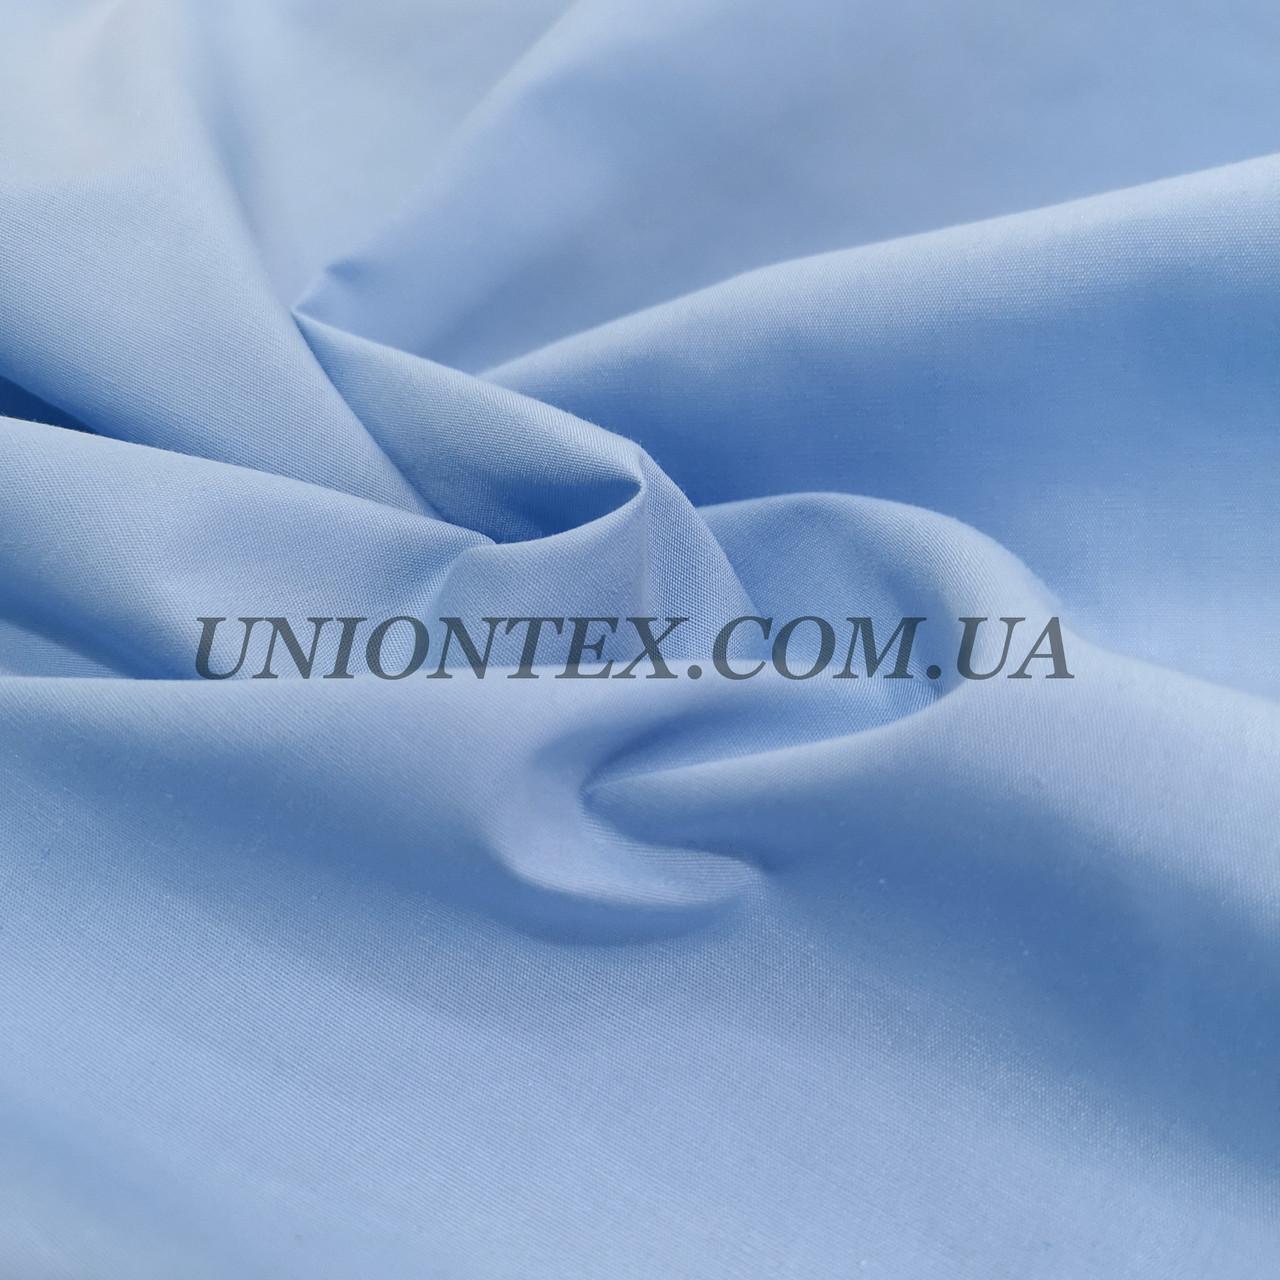 Рубашечная ткань светло-голубая